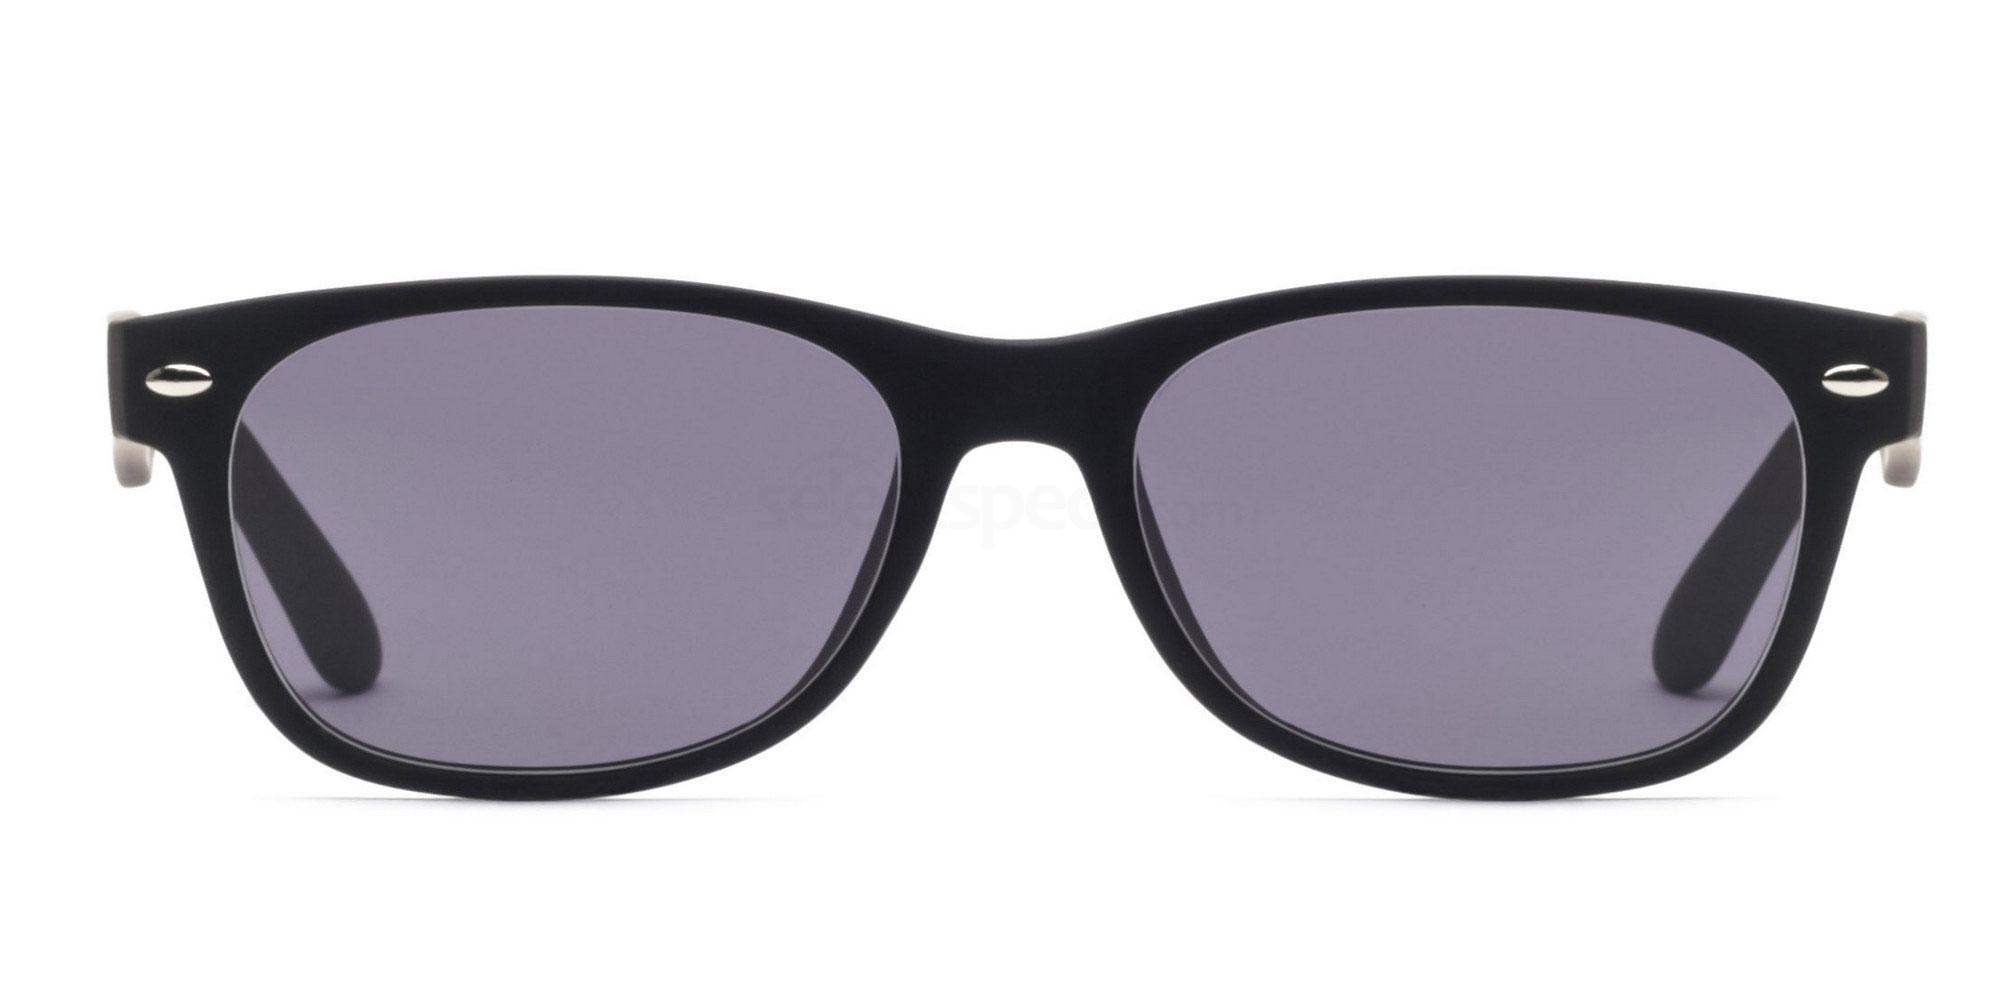 Black S8122 - Black (Sunglasses) Sunglasses, Savannah